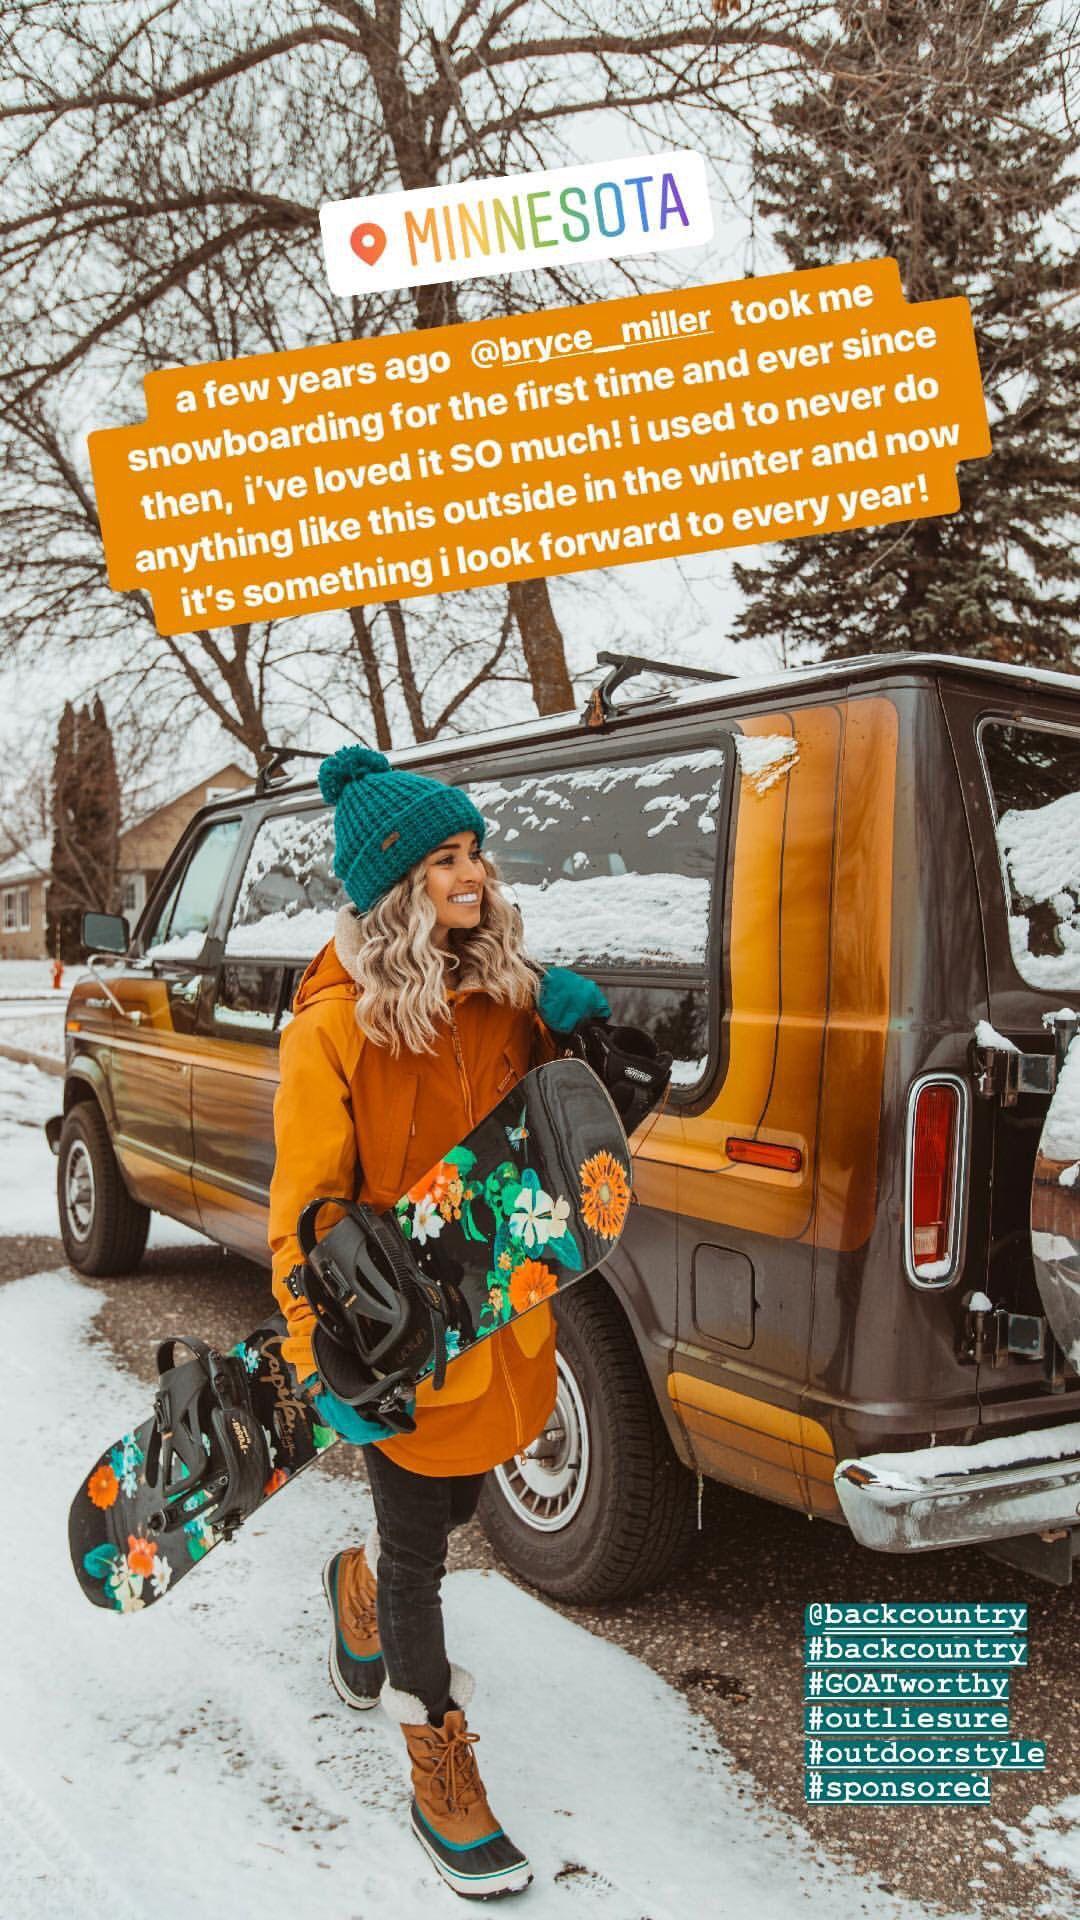 ca4f0d3b45 Pin by Emma Izzo on winter sport ❄